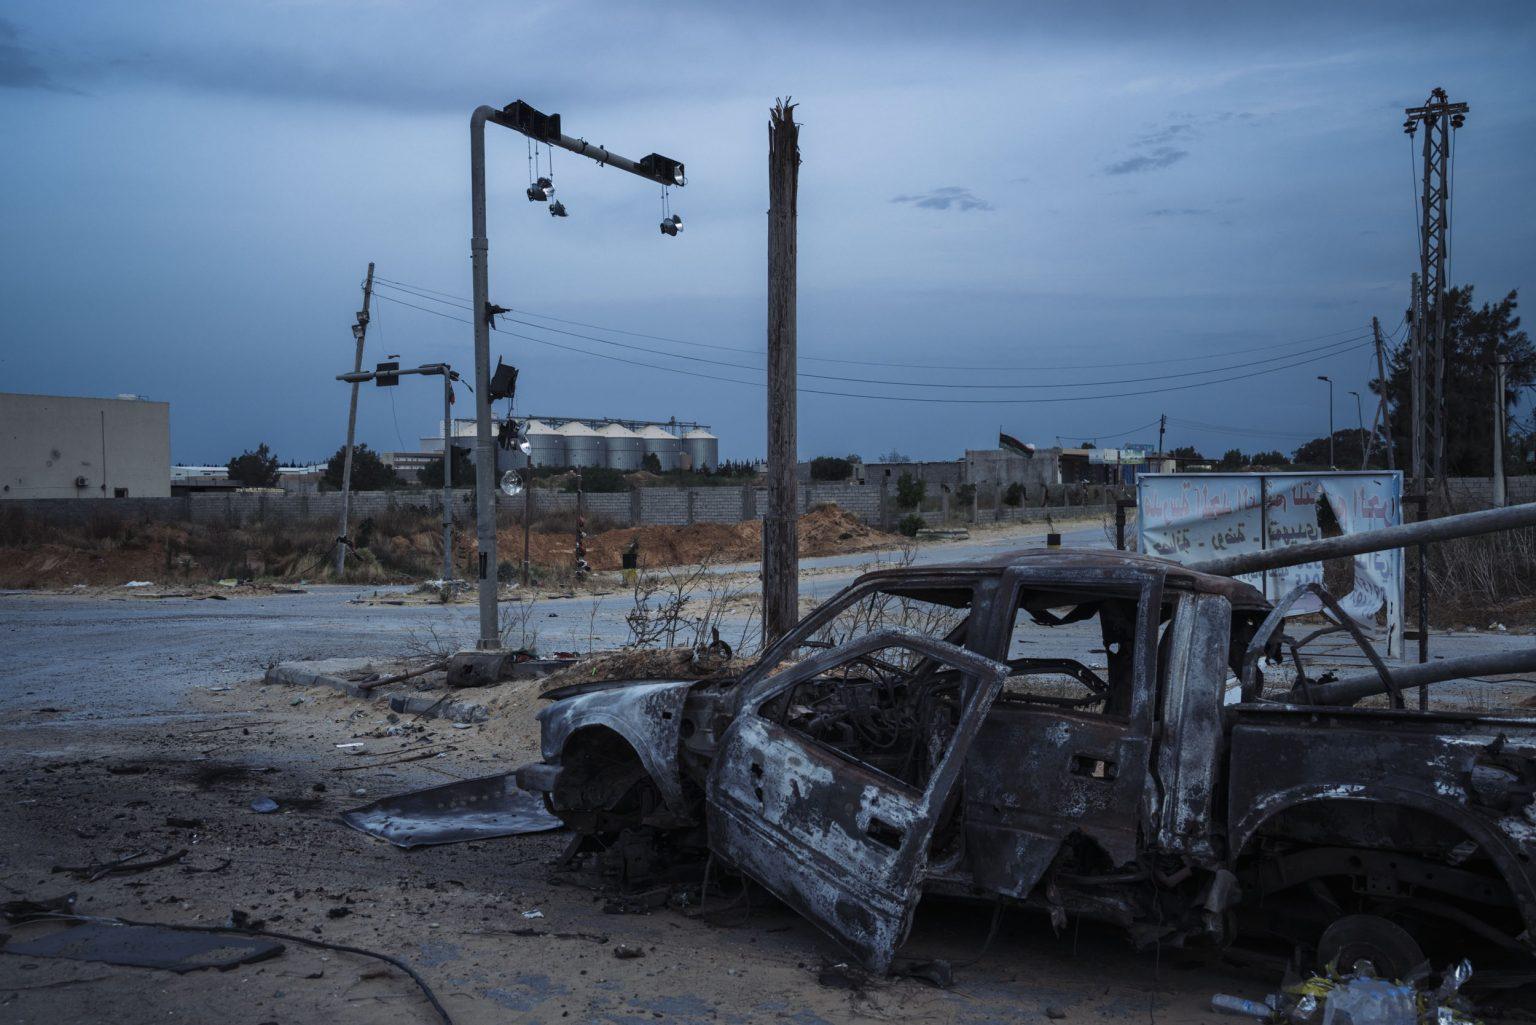 Tripoli, Libya, May 2019 - A damaged vehicle near al Qala frontline. >< Tripoli, maggio 2019 - Veicolo danneggiato vicino alla prima linea di Qala.